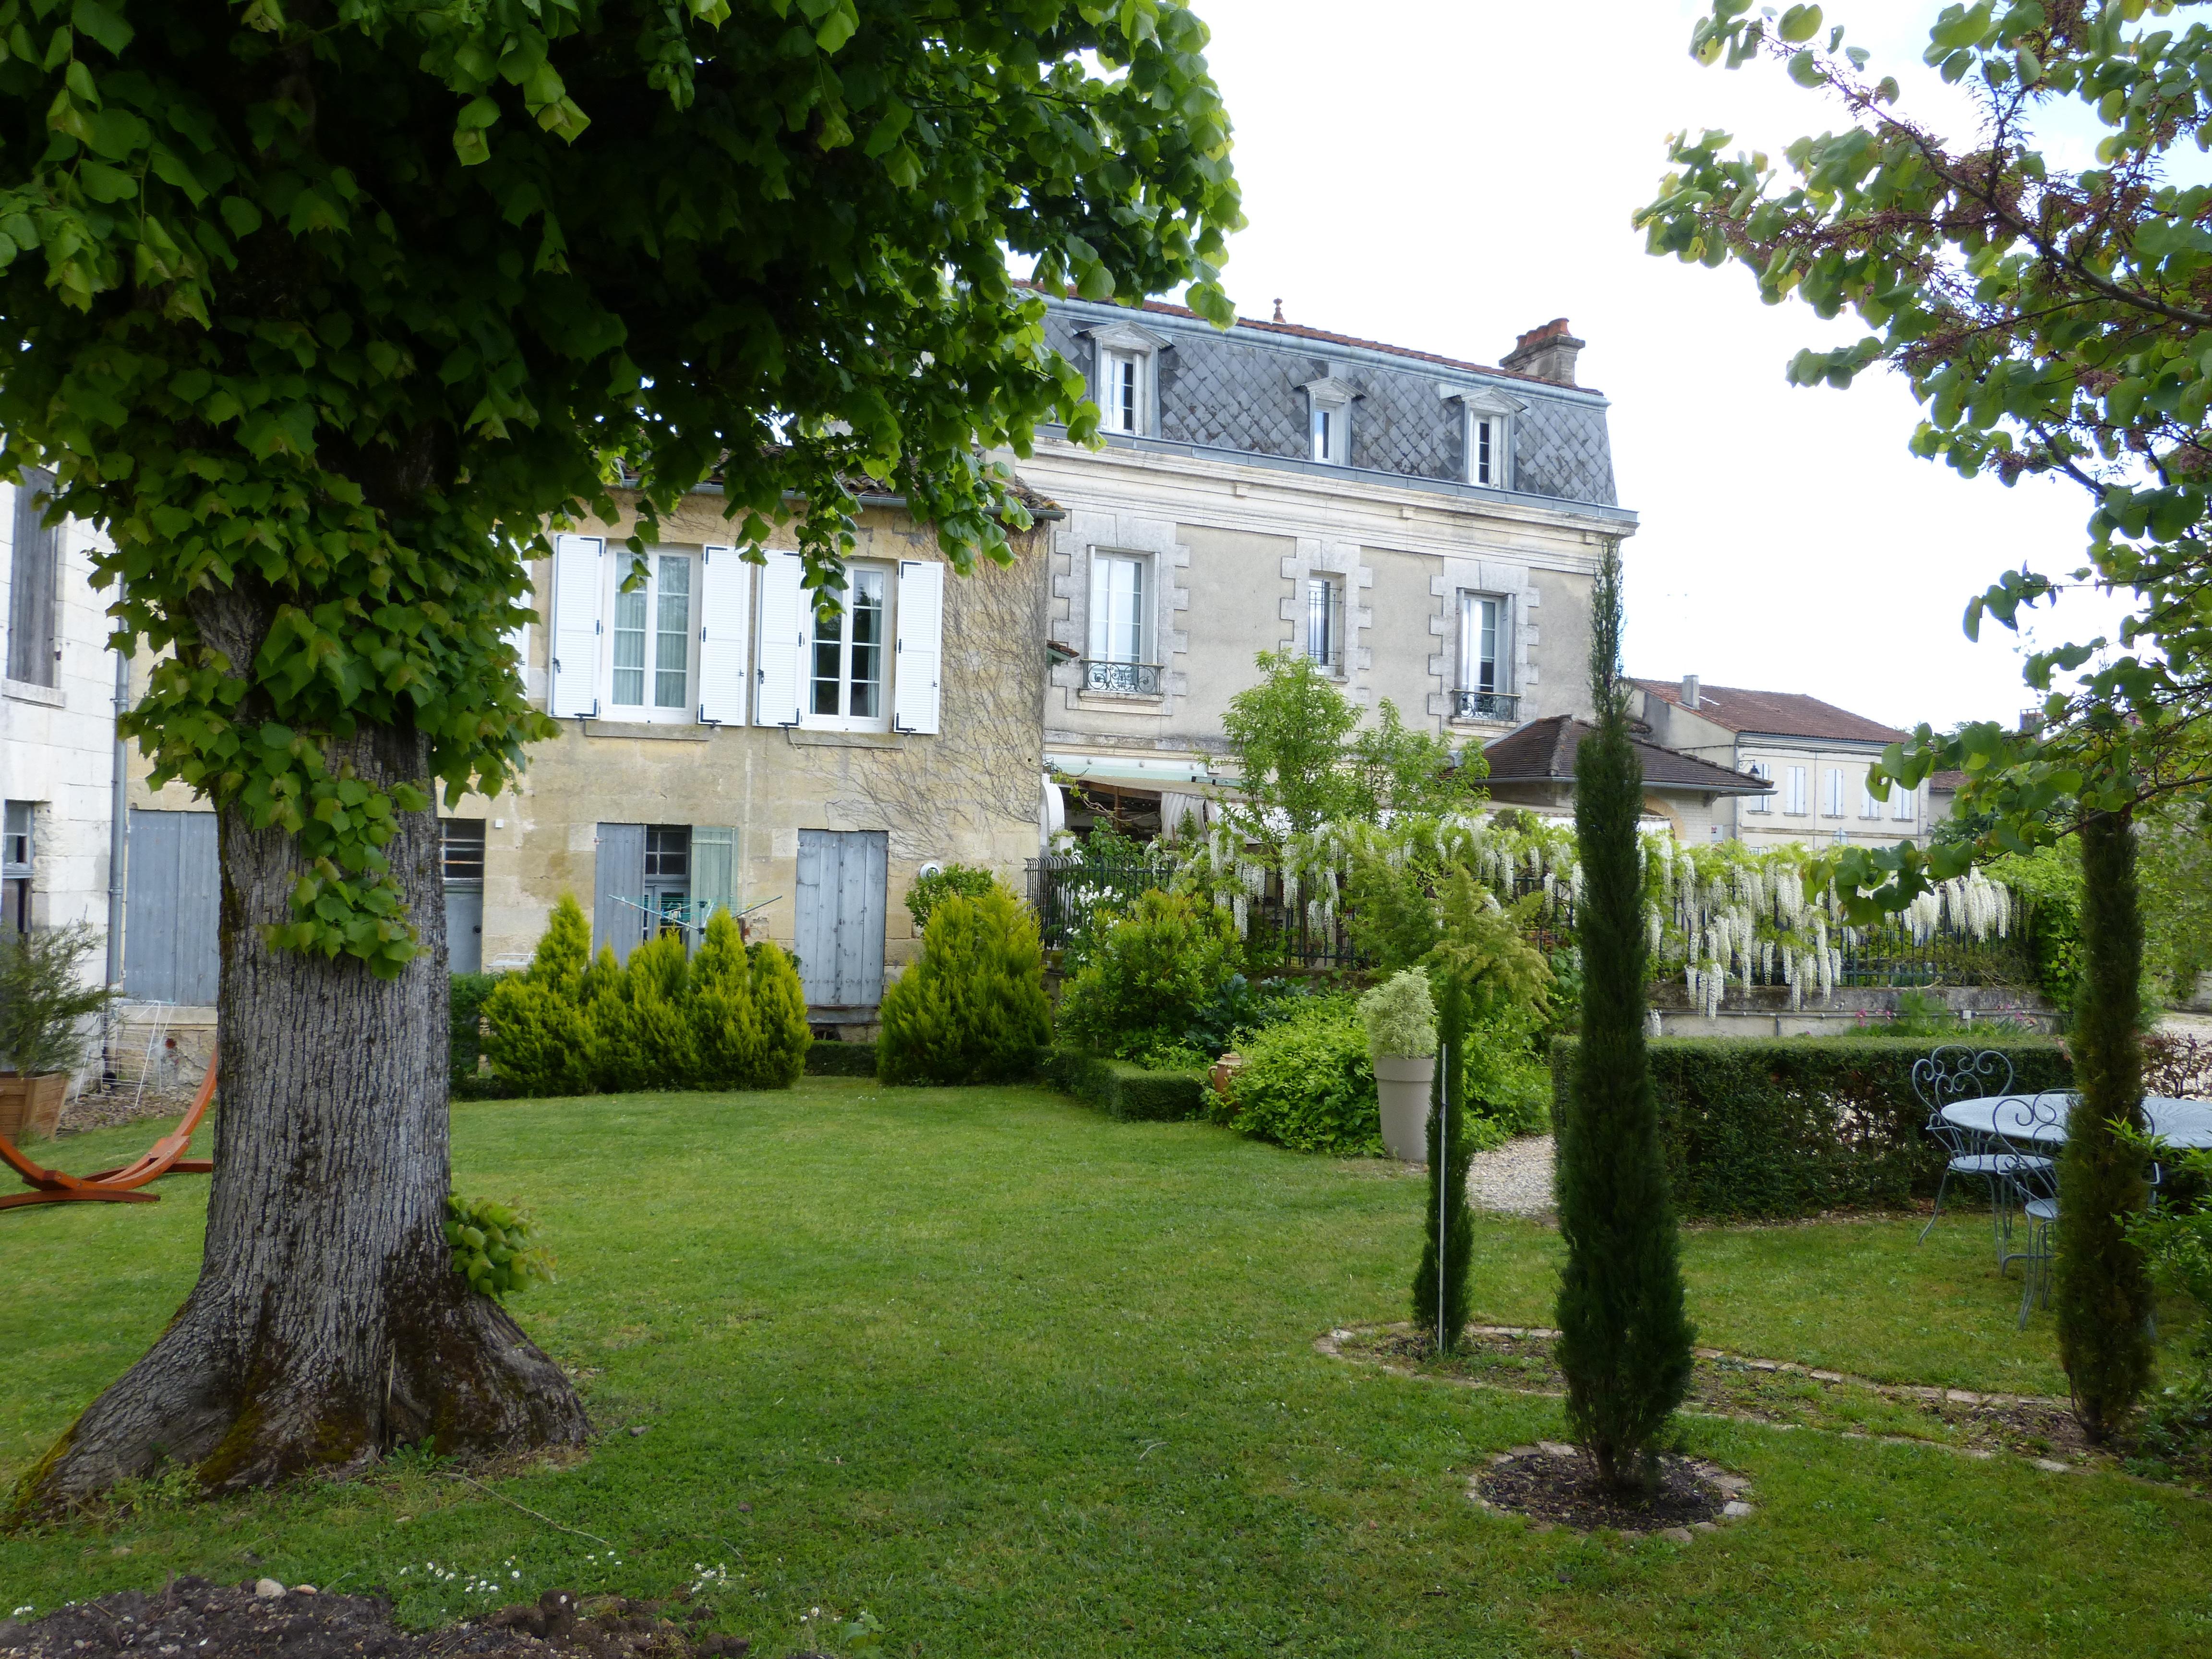 Location vacances Dordogne avec piscine privee Bergerac